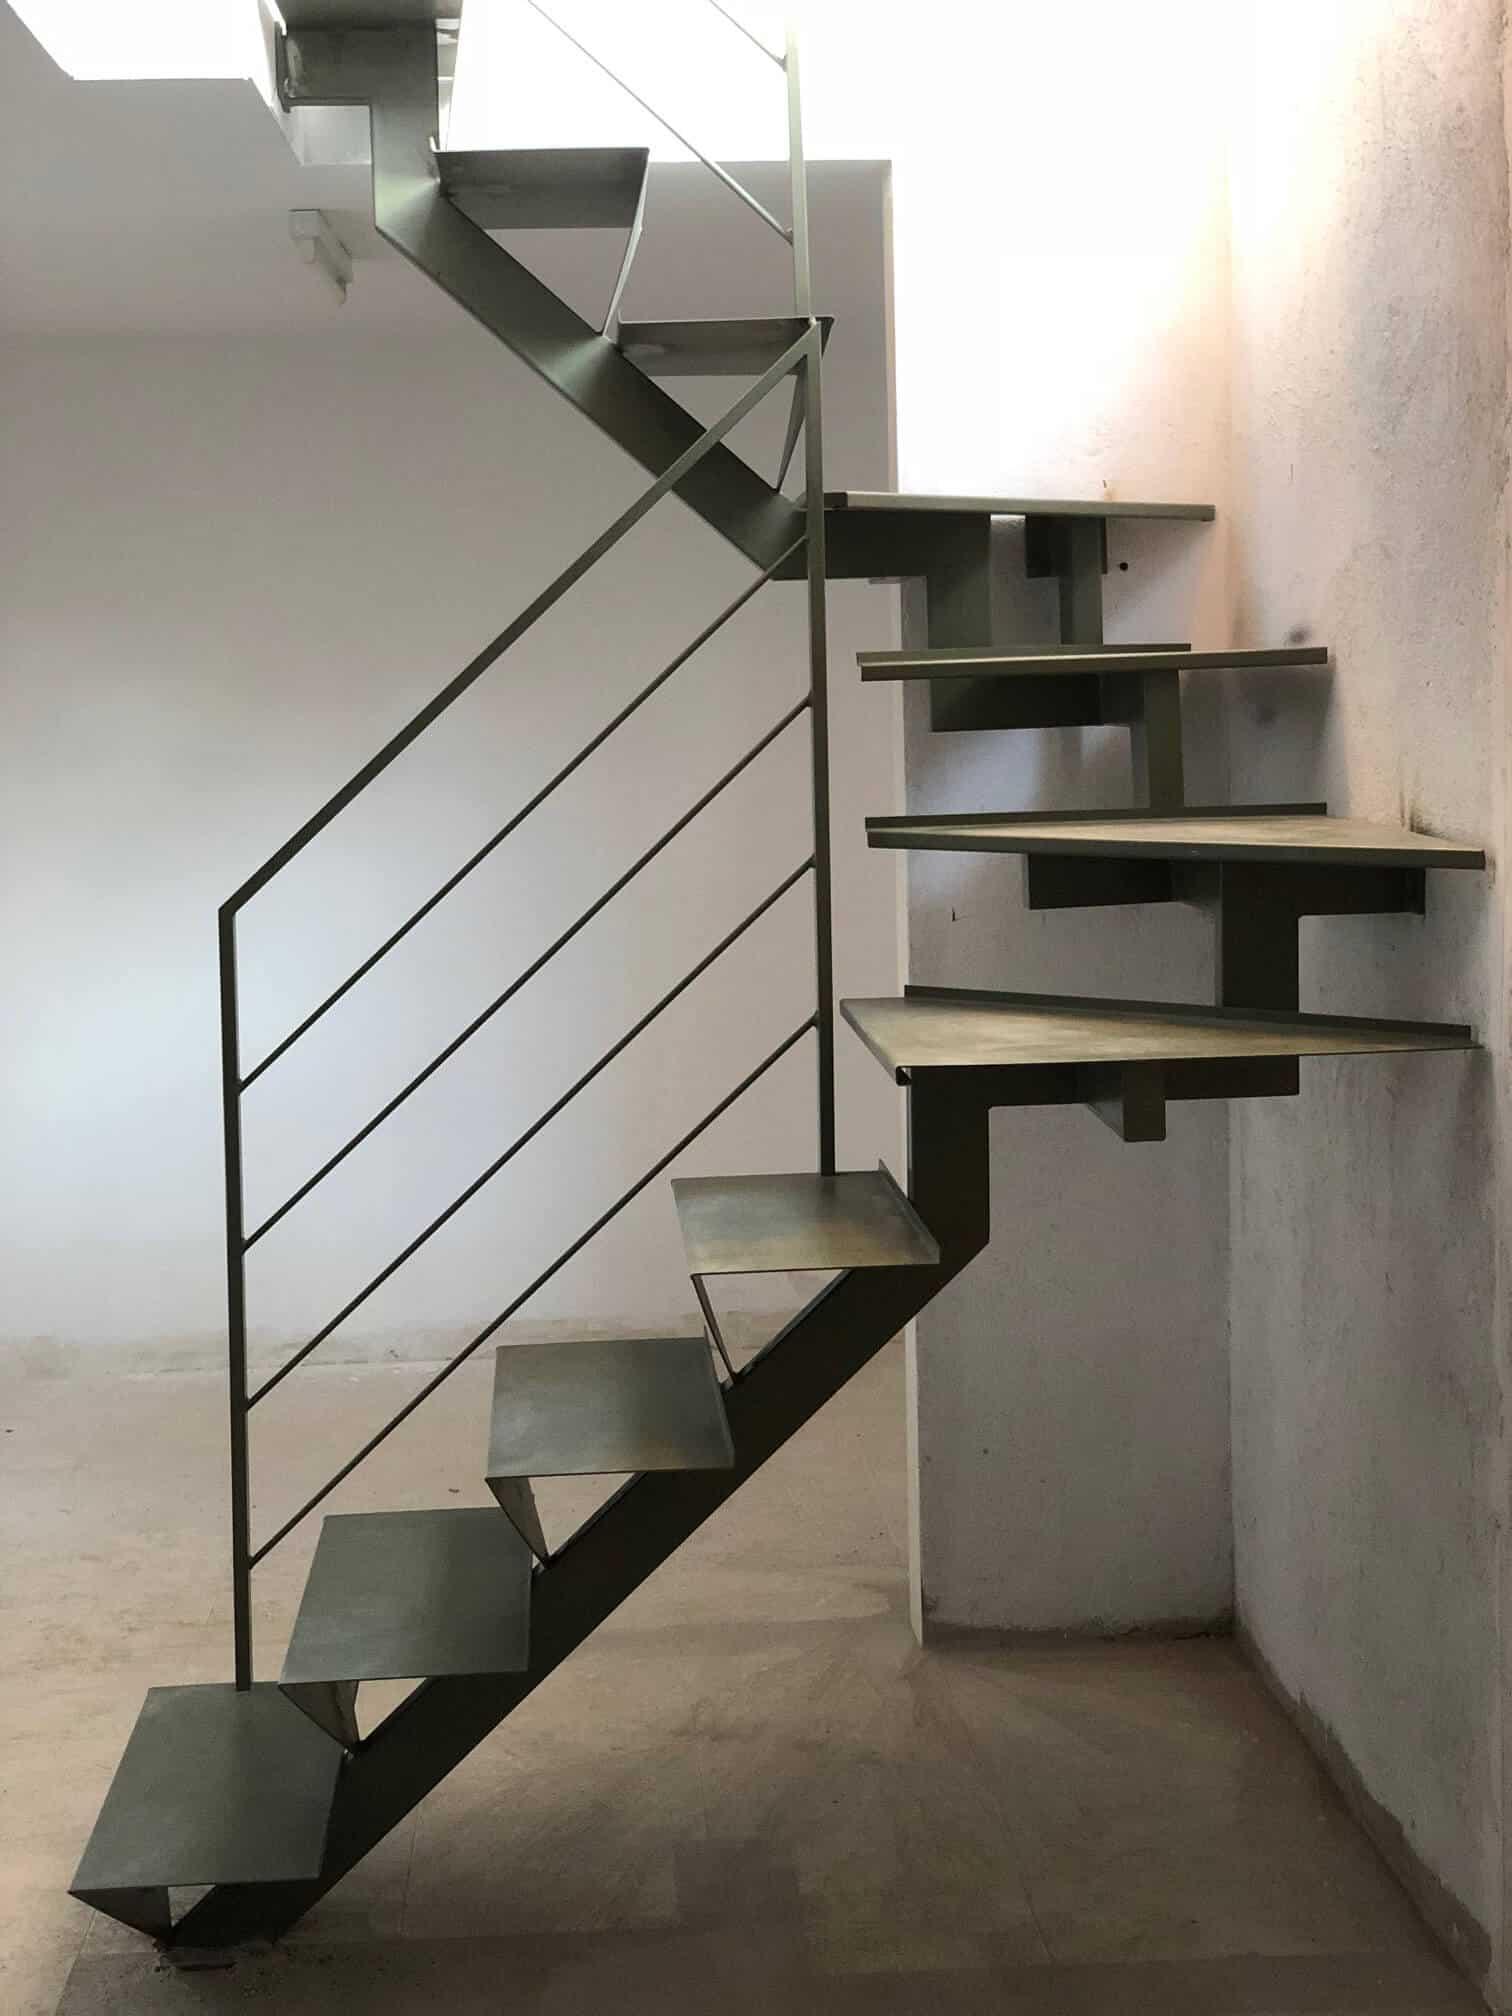 Escaleras de metal a tramos - Enesca.es